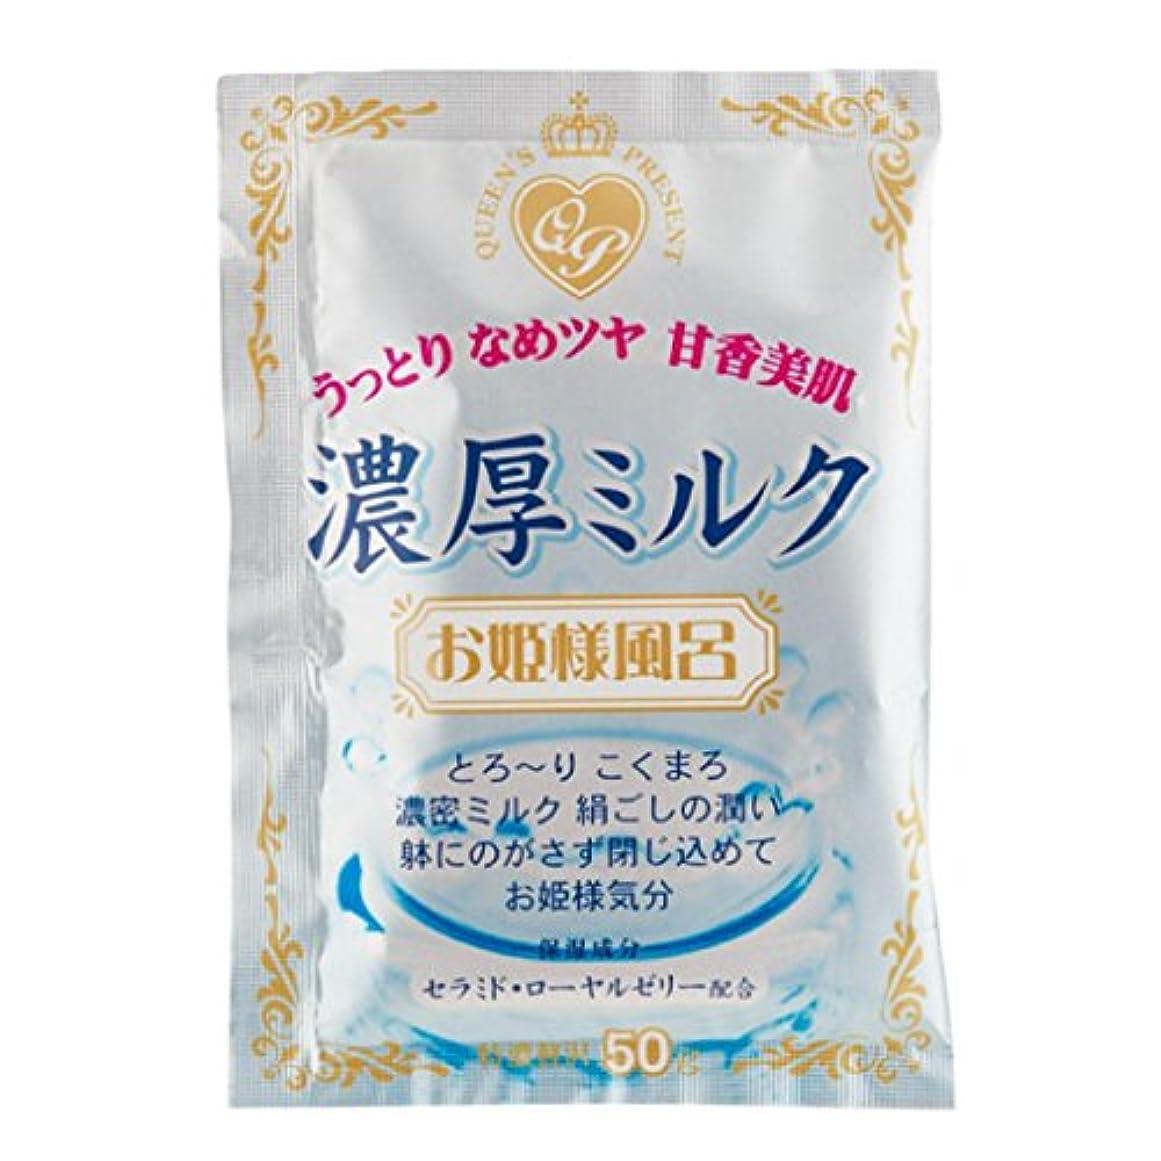 パッド目的万一に備えて紀陽除虫菊 お姫様風呂  濃厚ミルク【まとめ買い12個セット】 N-8160